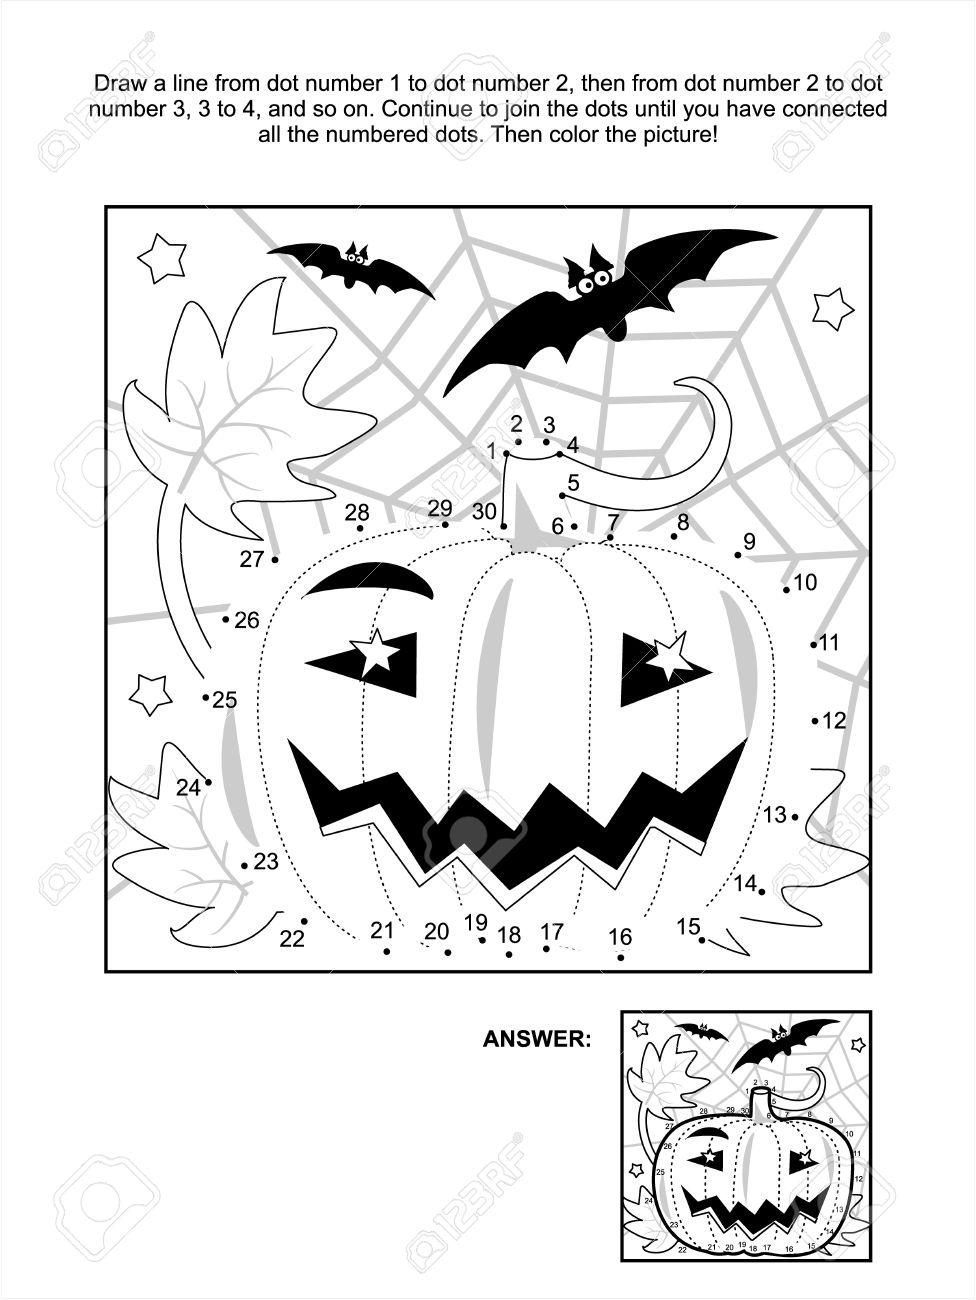 Kleurplaat Vleermuis Halloween.Verbind De Stippen Foto Puzzel En Kleurplaat Halloween Nacht Scene Met Pompoen Vleermuizen En Spinrag Antwoord Opgenomen